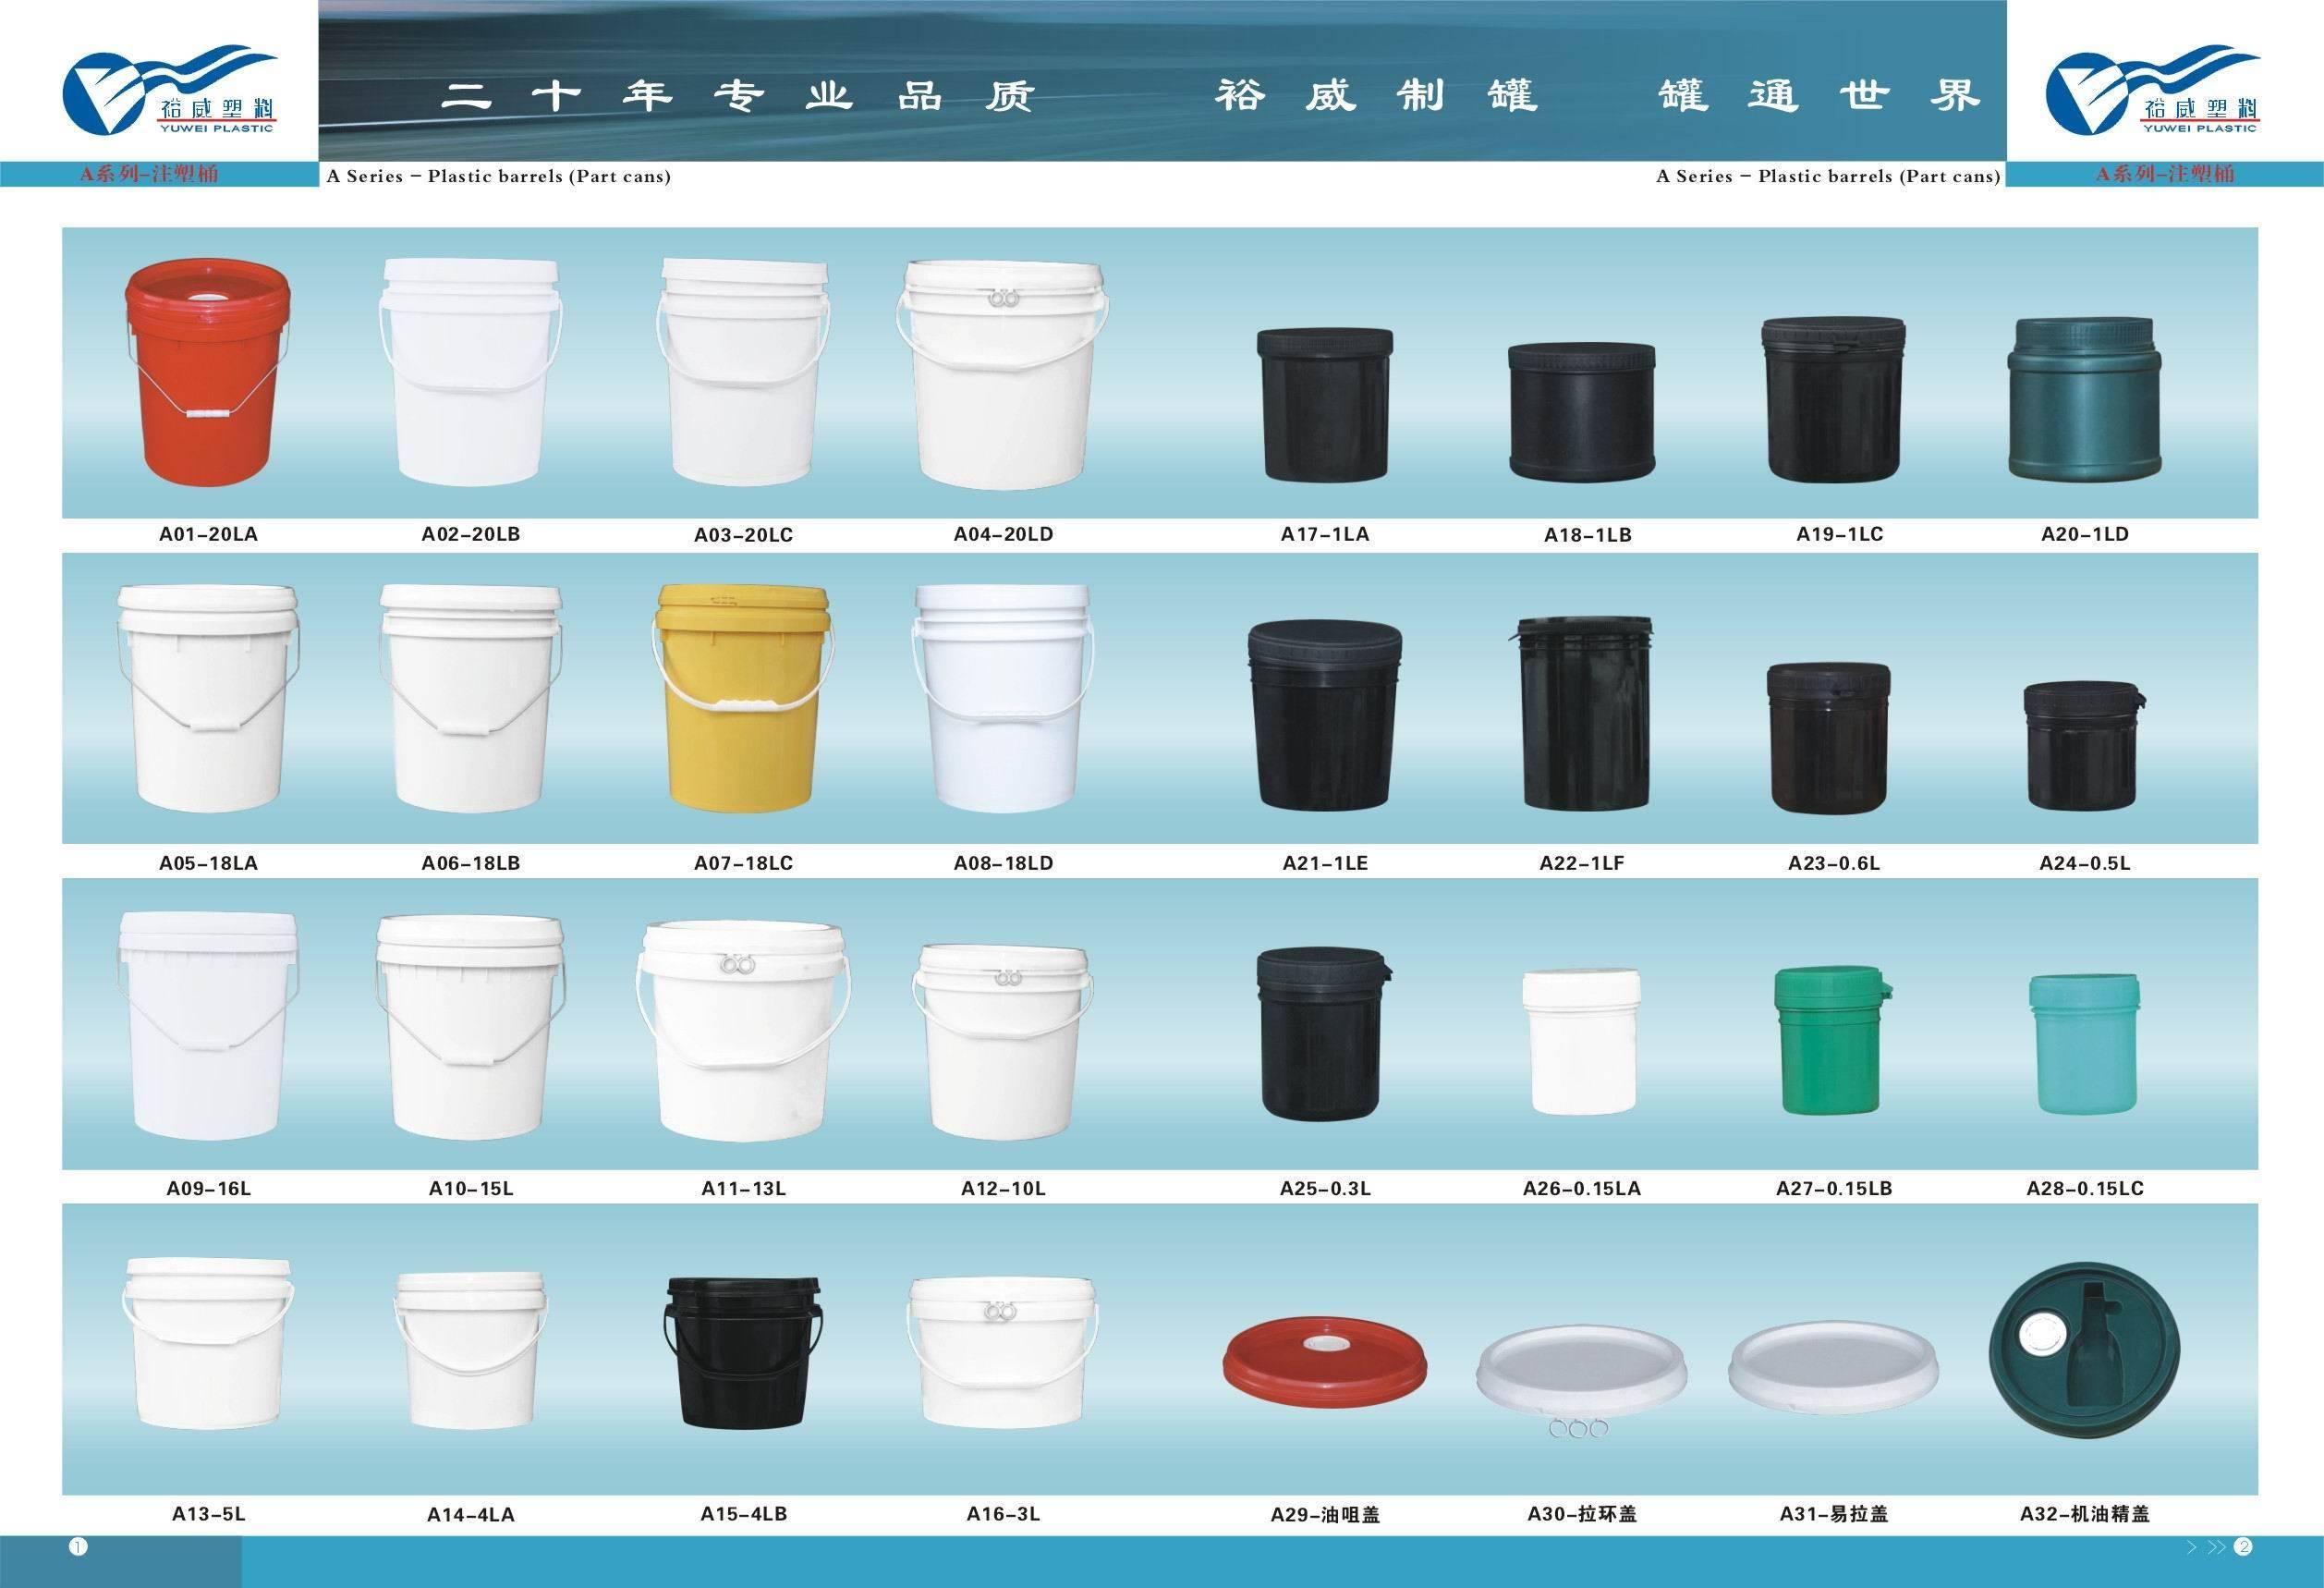 塑料桶 塑胶桶 化工桶 厂家 涂料桶 油墨桶/硅胶桶 水性油漆桶